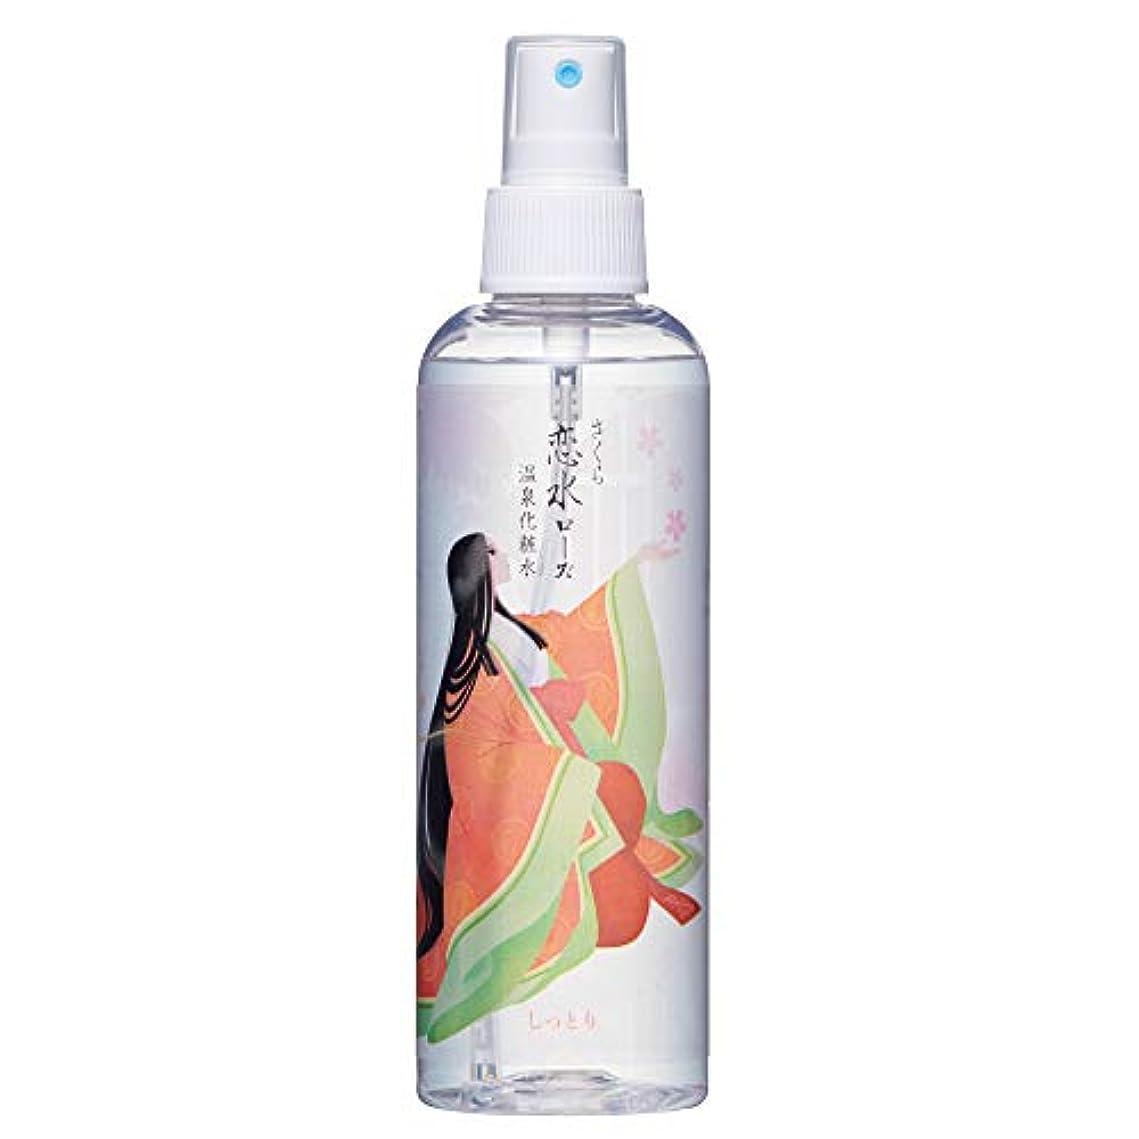 [さくら恋水] ローズ しっとり 無添加 化粧水 敏感肌 温泉 200mL